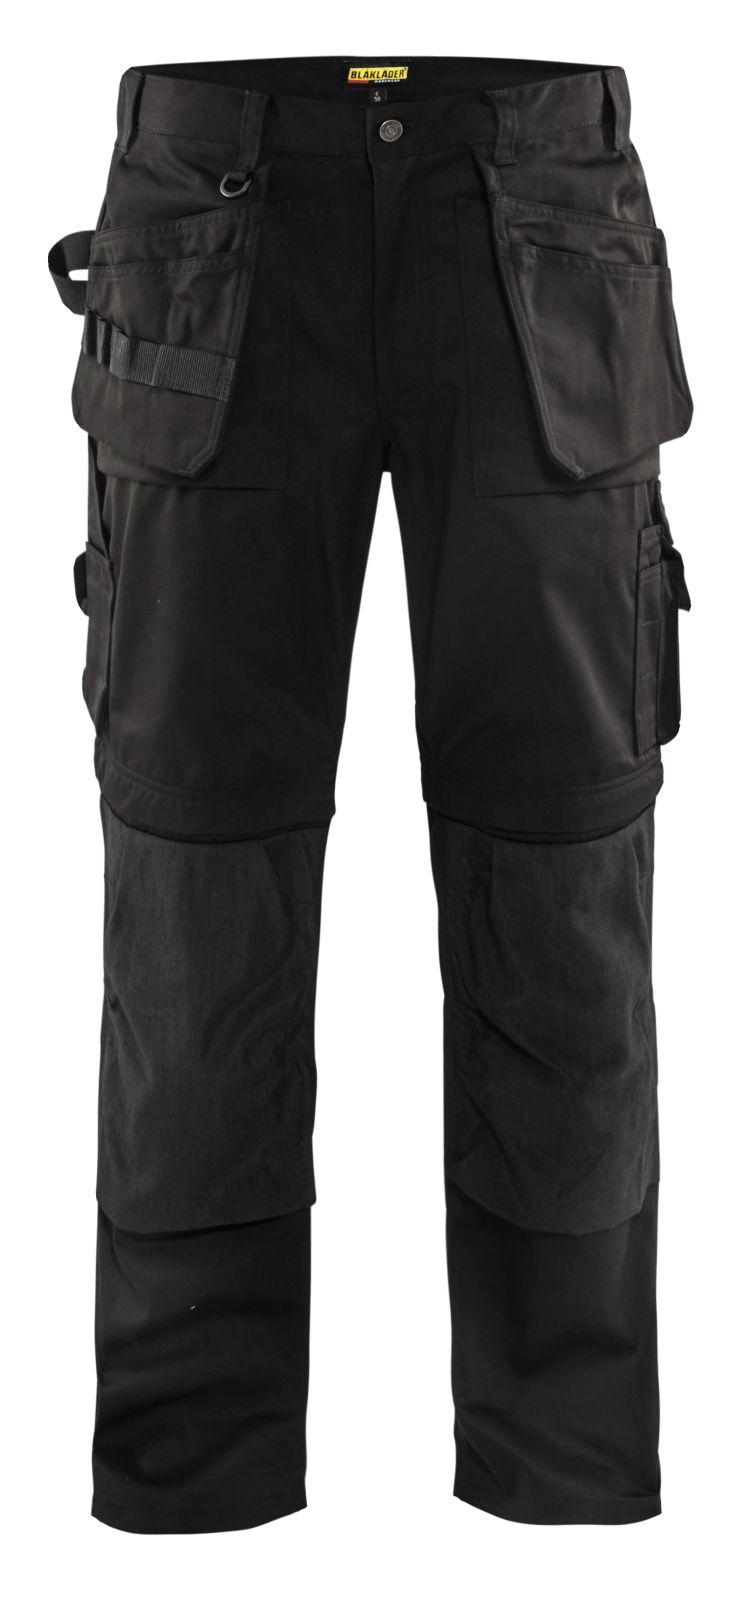 Blaklader Zip off werkbroeken 15381860 zwart(9900)